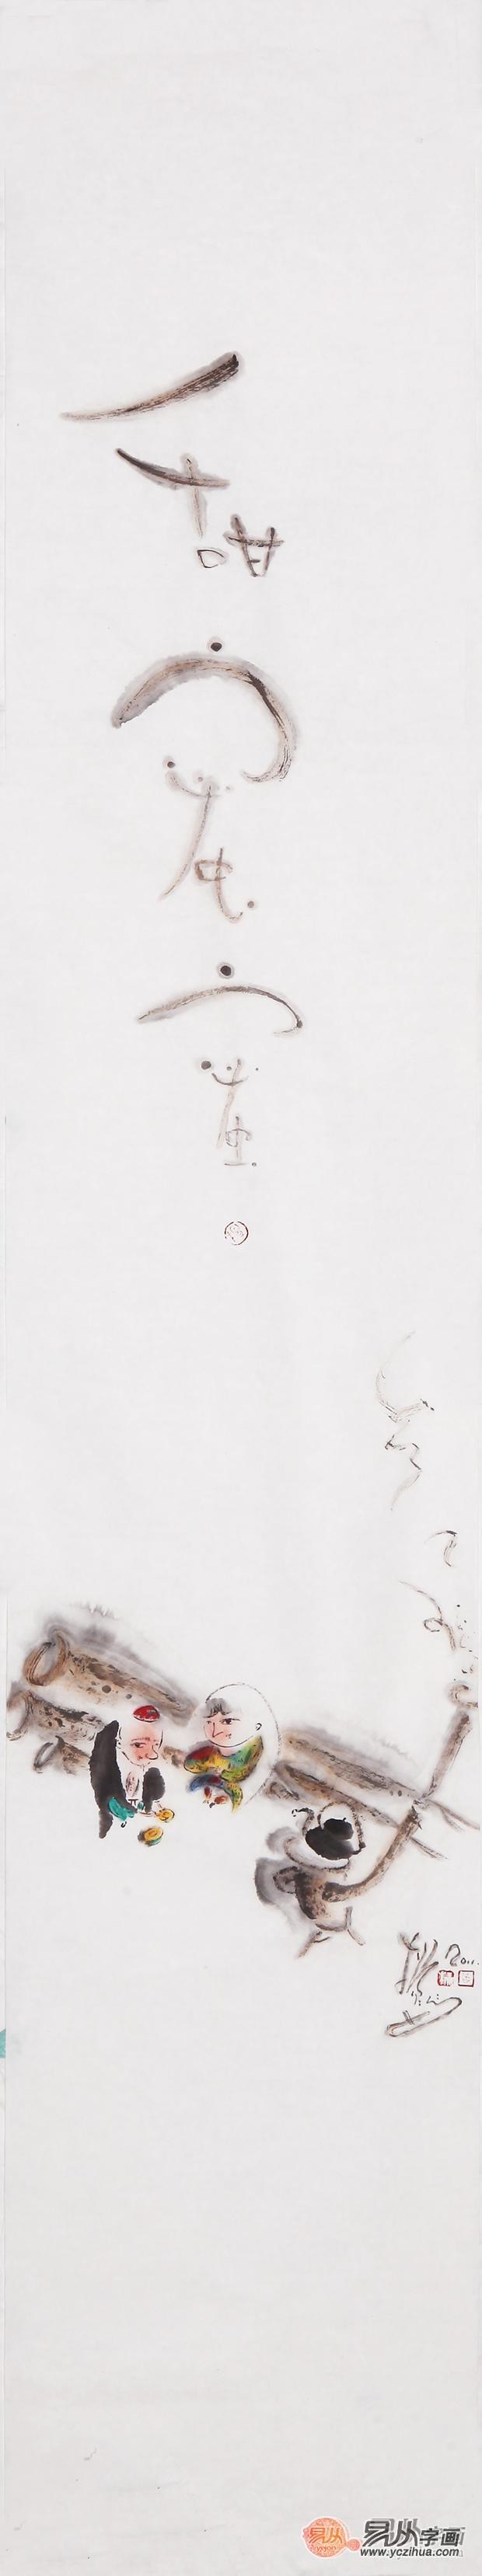 扬笛六尺对开人物画作品《甜蜜蜜》 风俗人物画